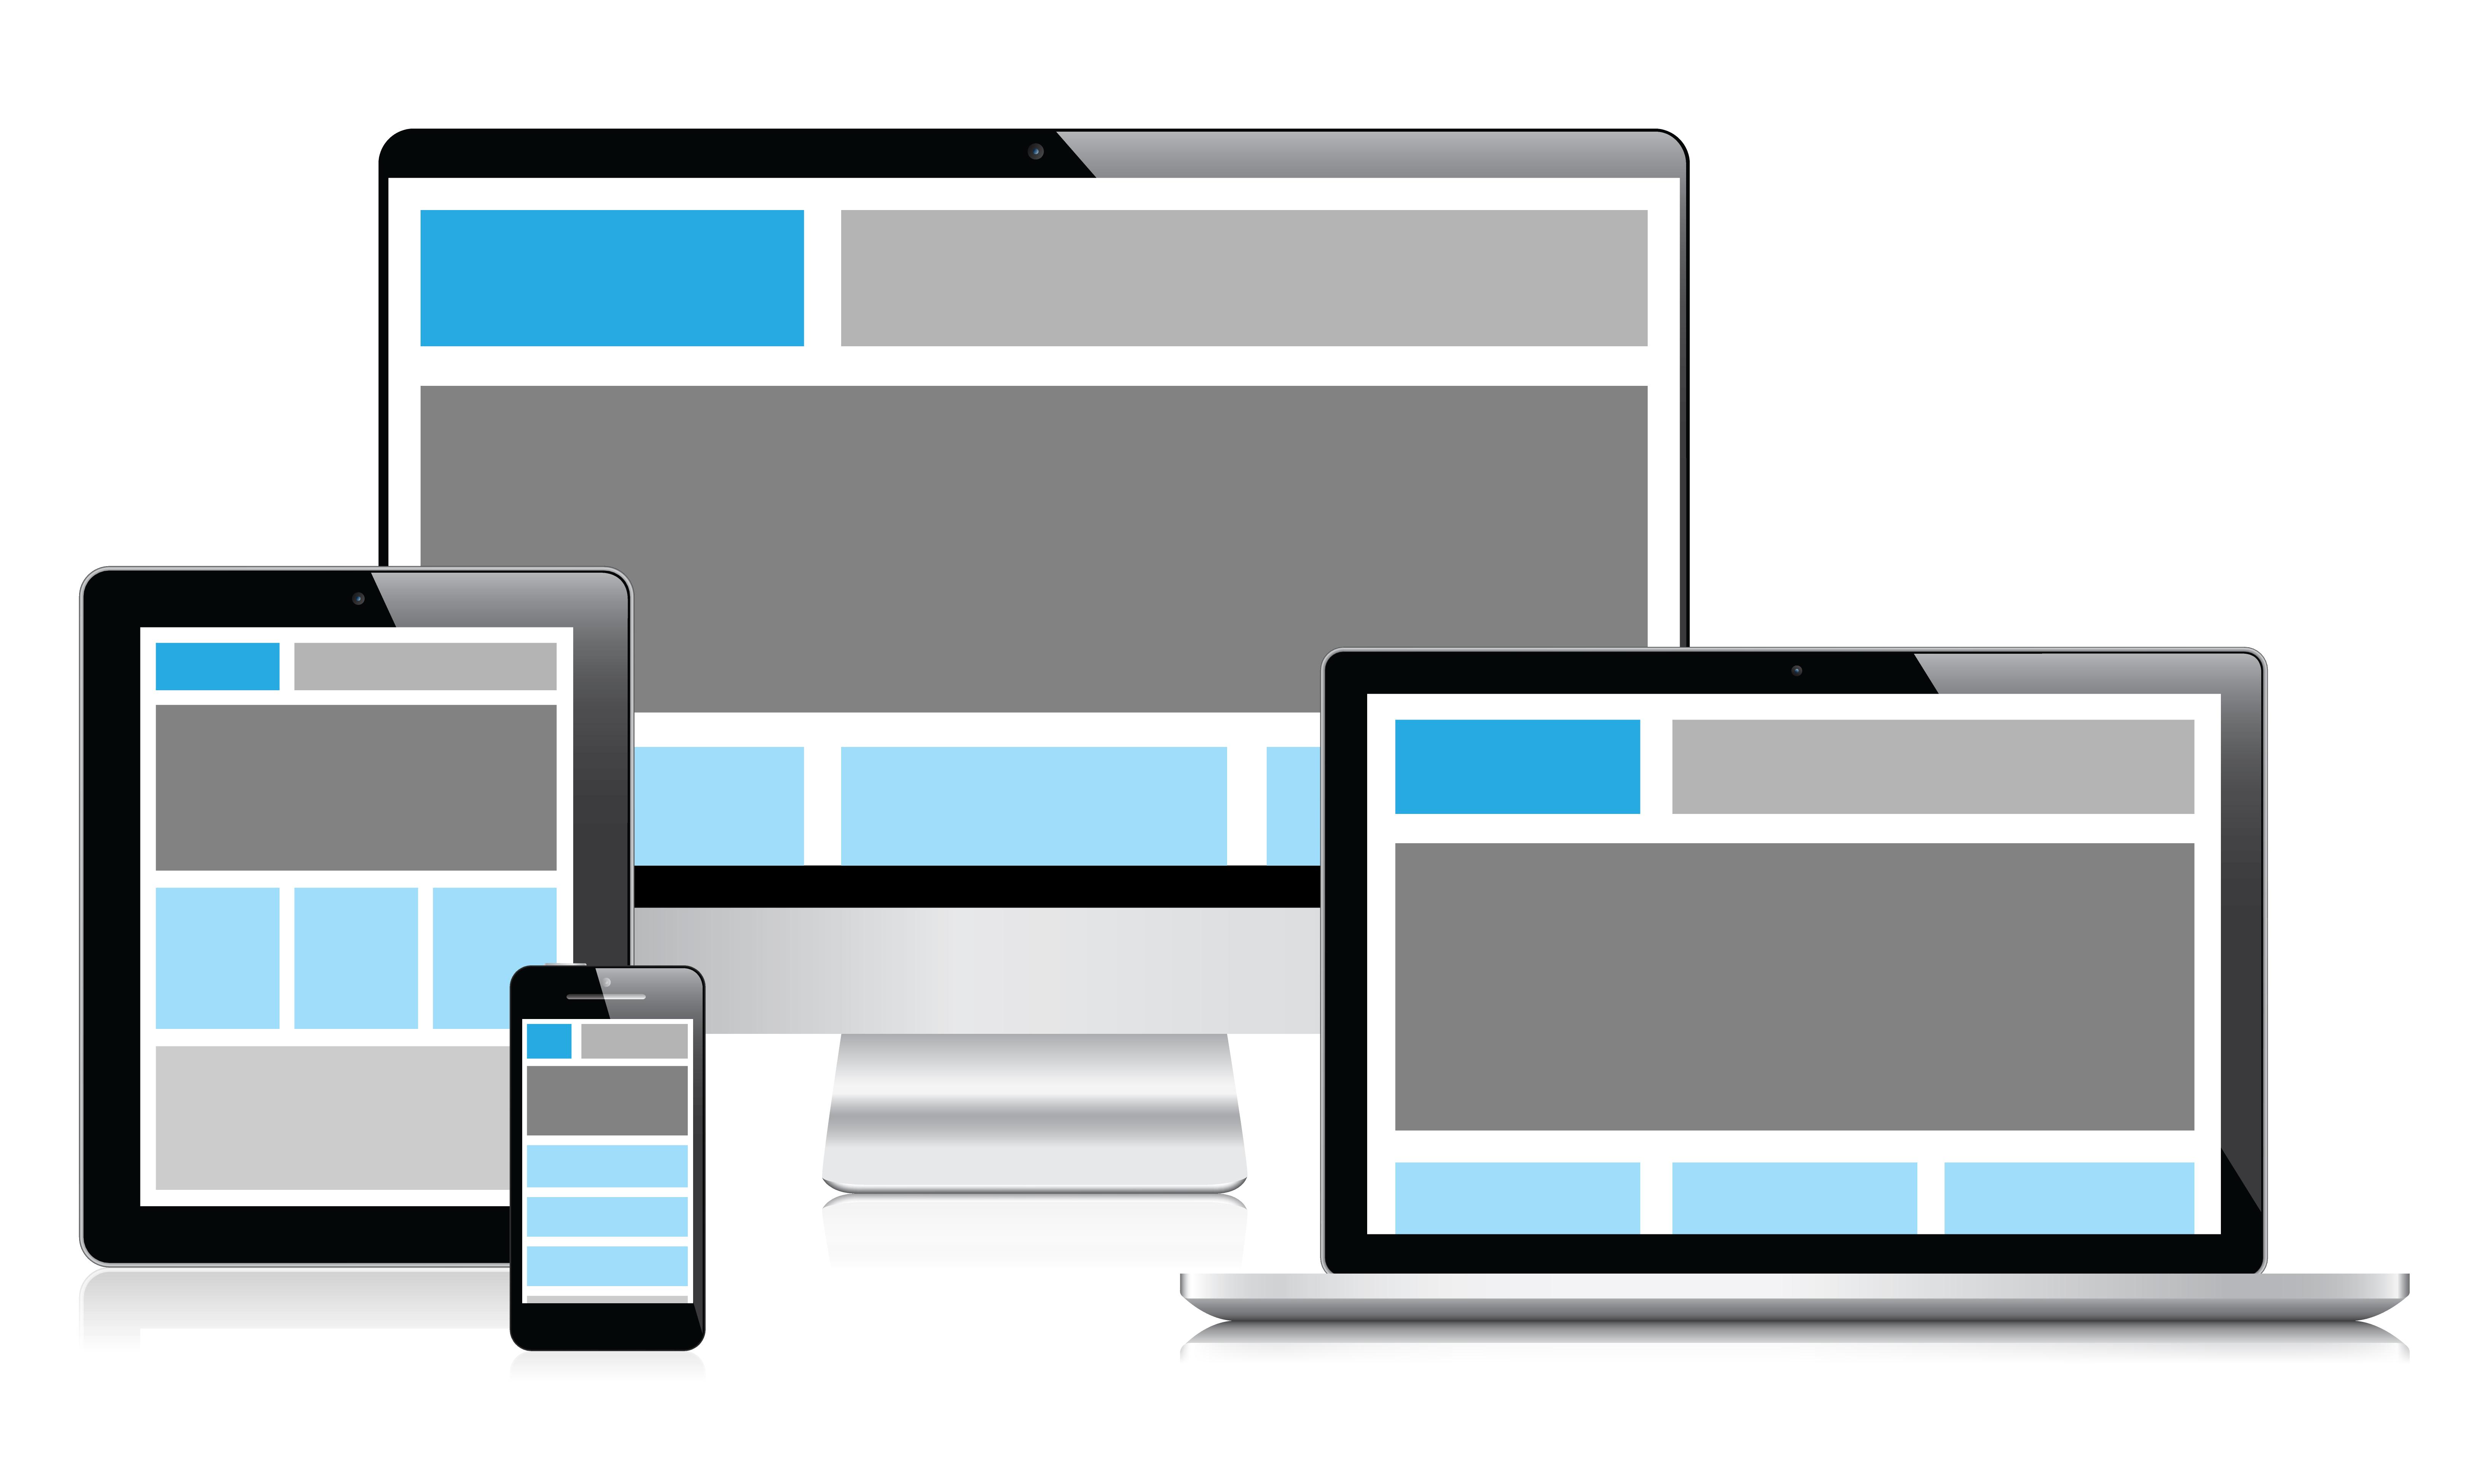 Адаптивна търговия: Адаптивен ли е вашият онлайн магазин?